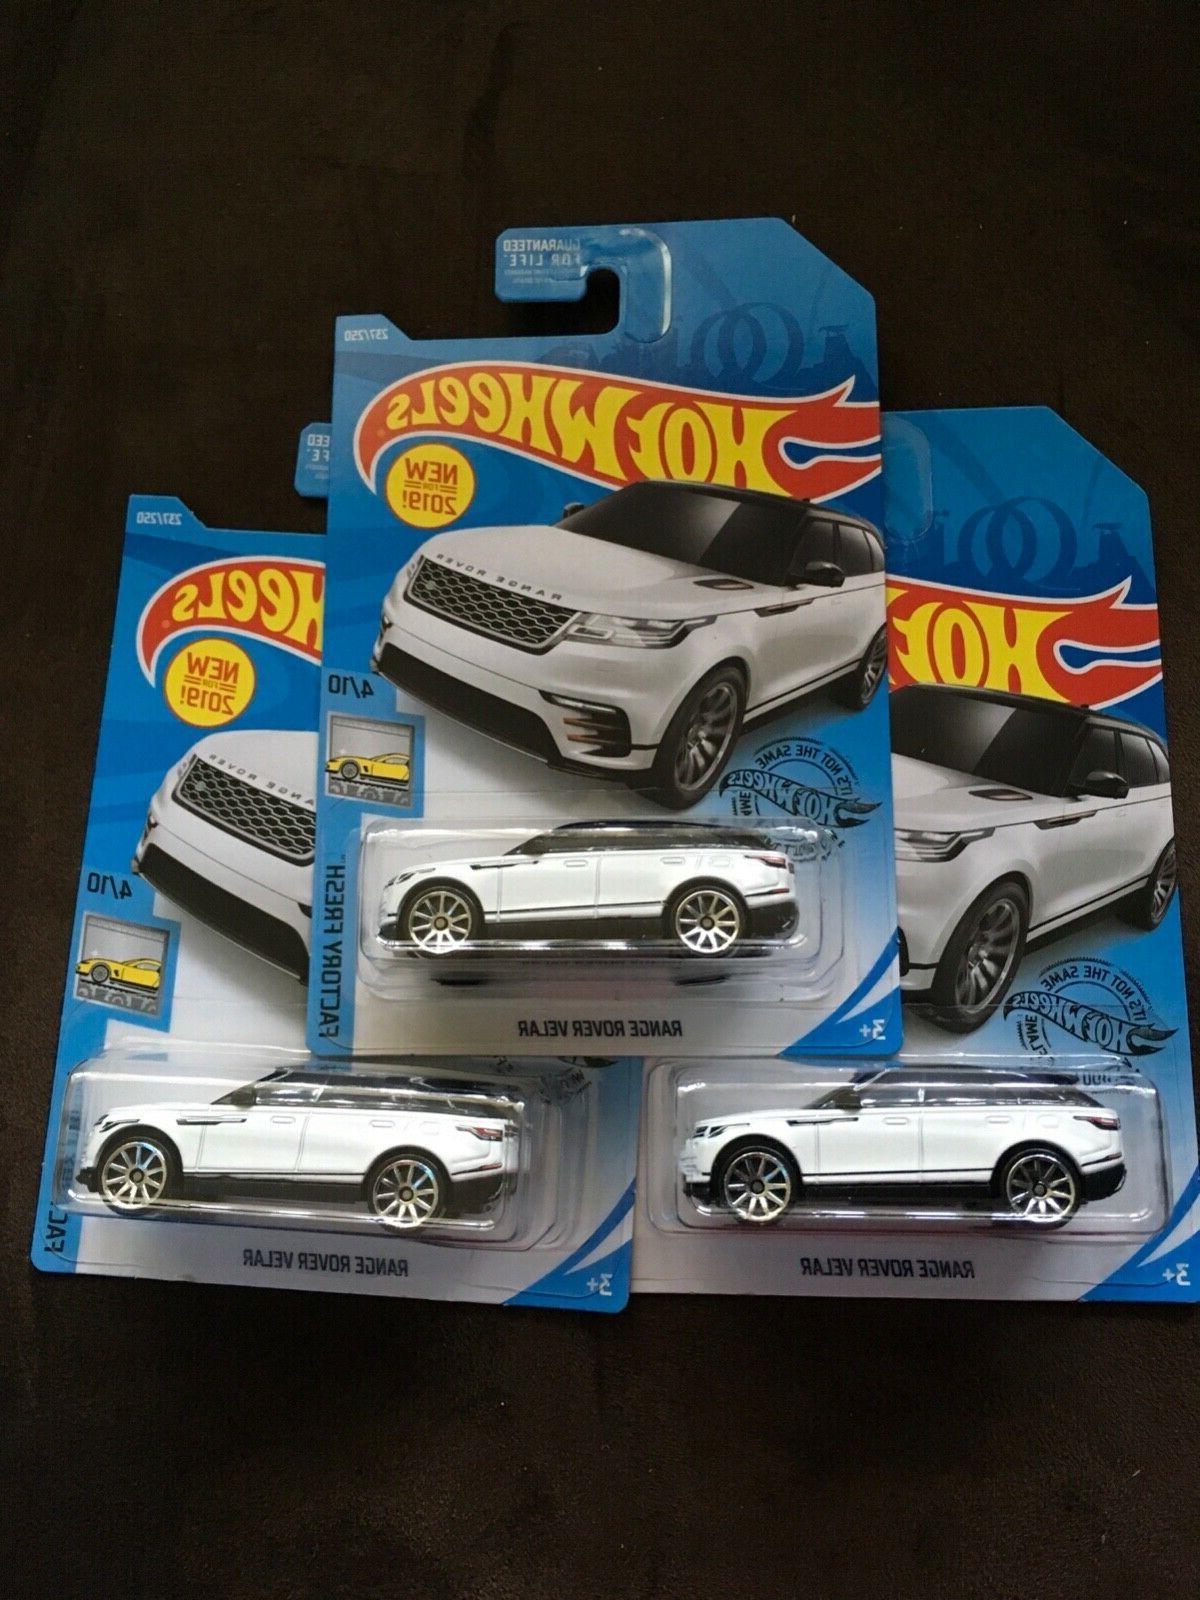 2019 range rover velar kroger exclusive white